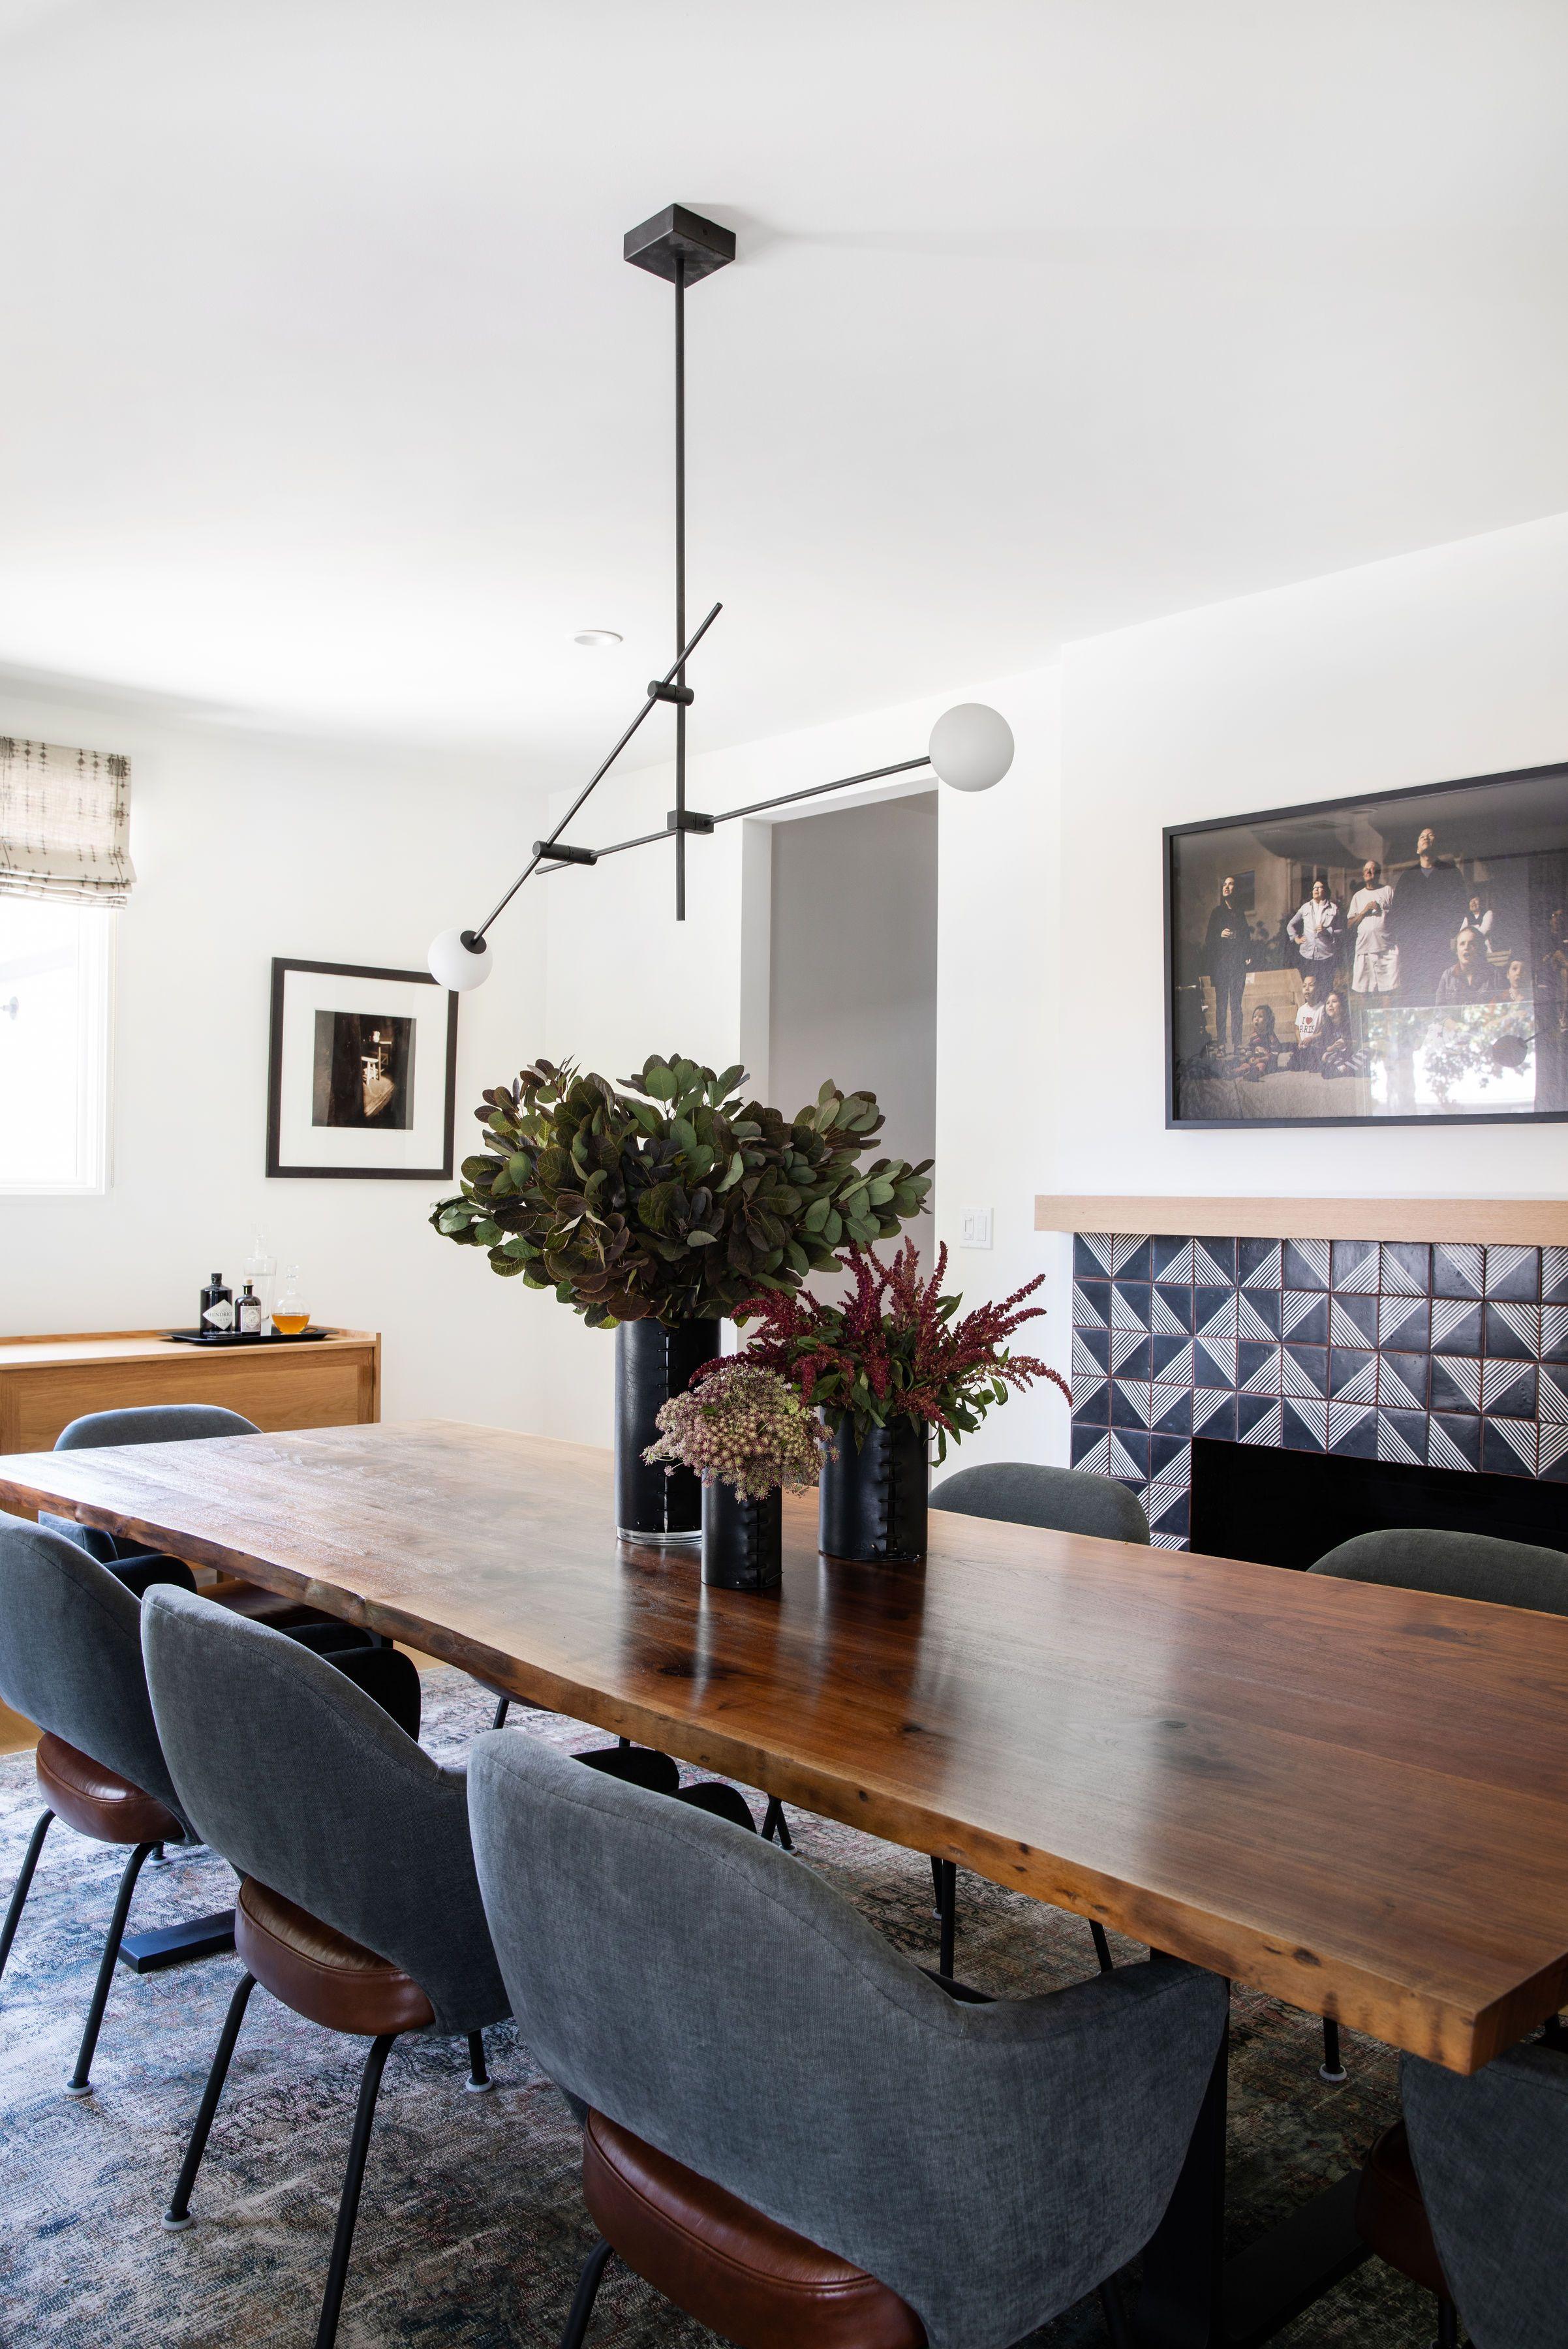 Client Say No Morrison Schoner Wohnen Wohnzimmer Esszimmerdesign Esszimmerdekoration